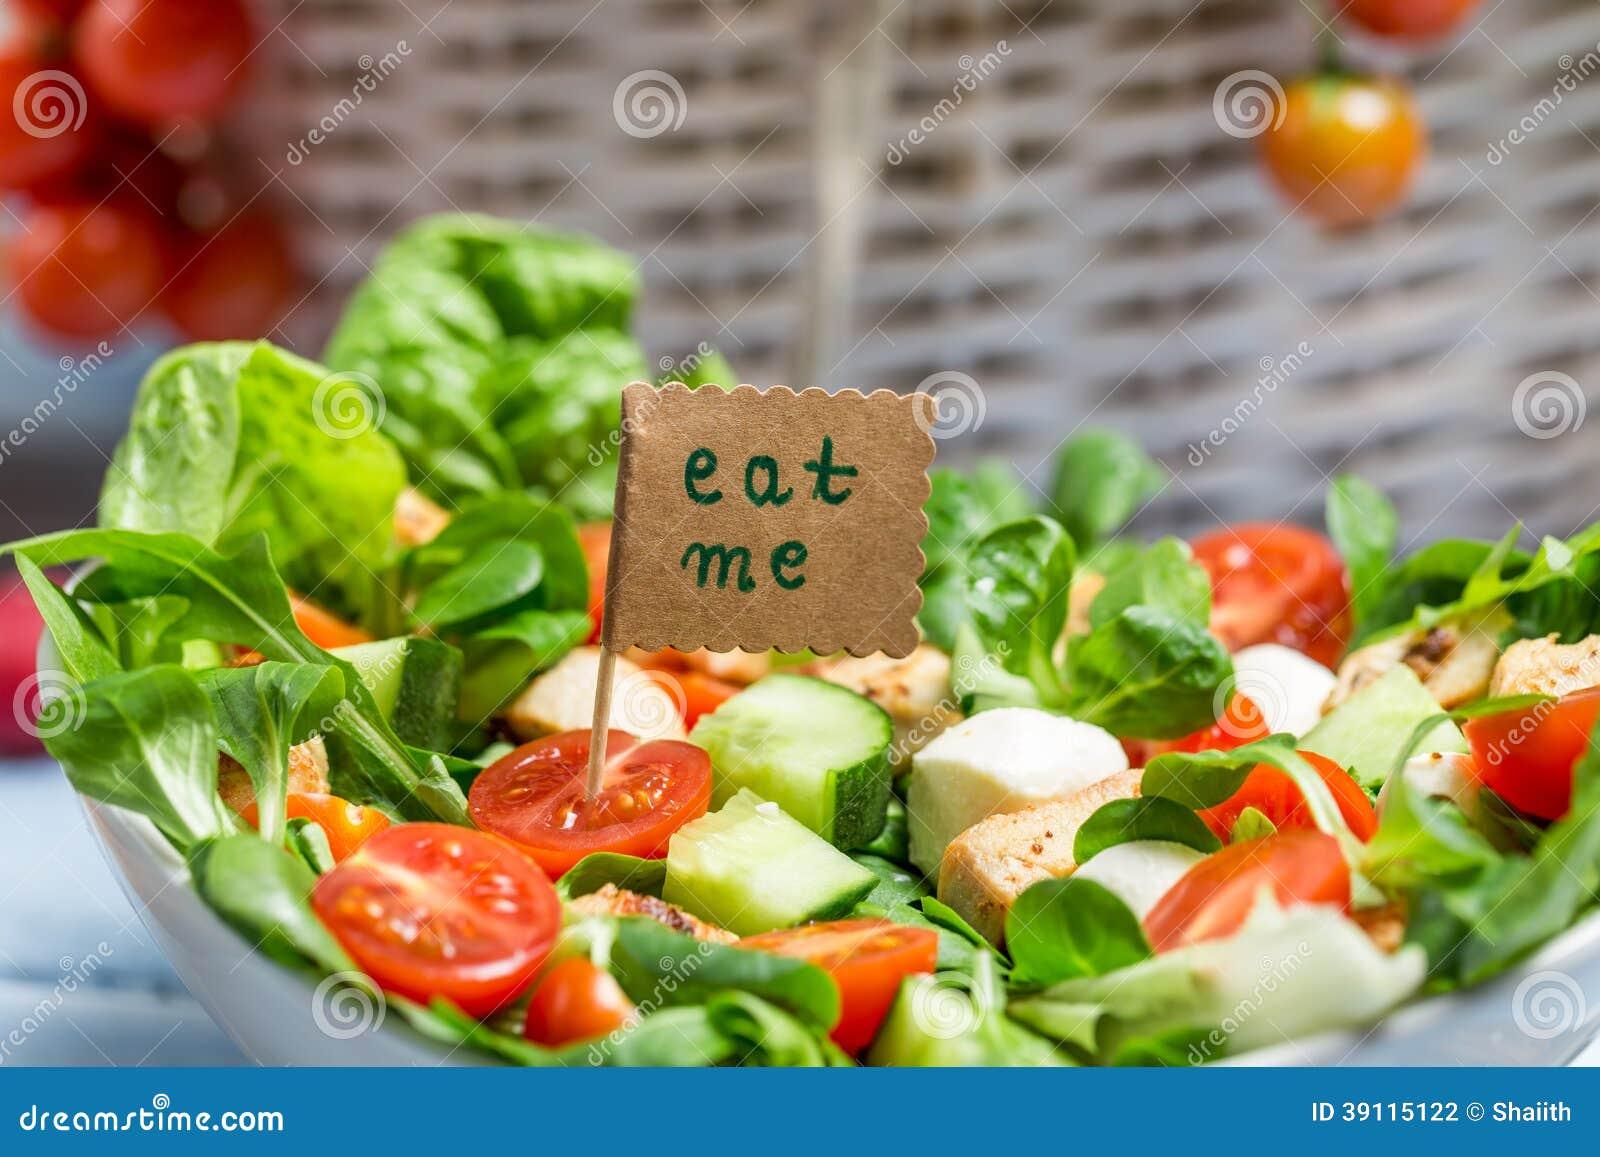 Smakelijke de lente plantaardige salade